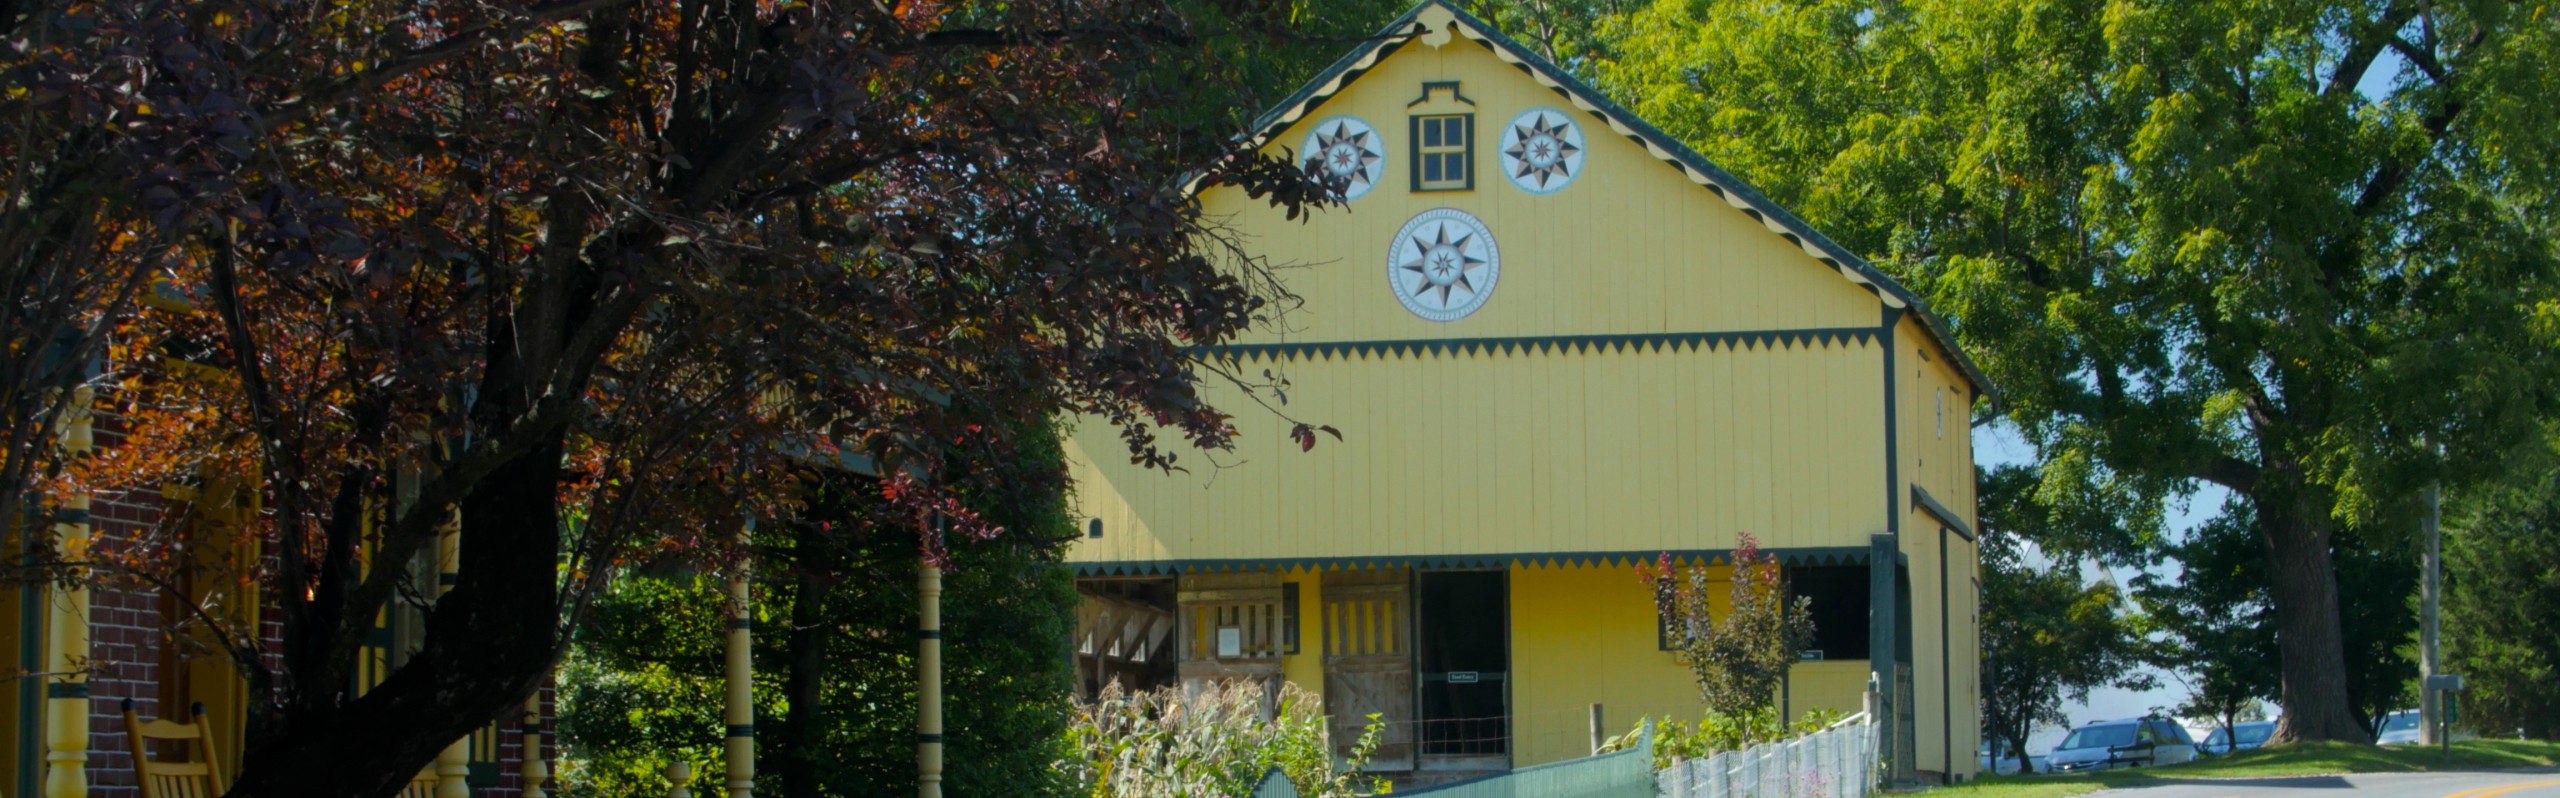 Mascot Roller Mills & Ressler Family Home